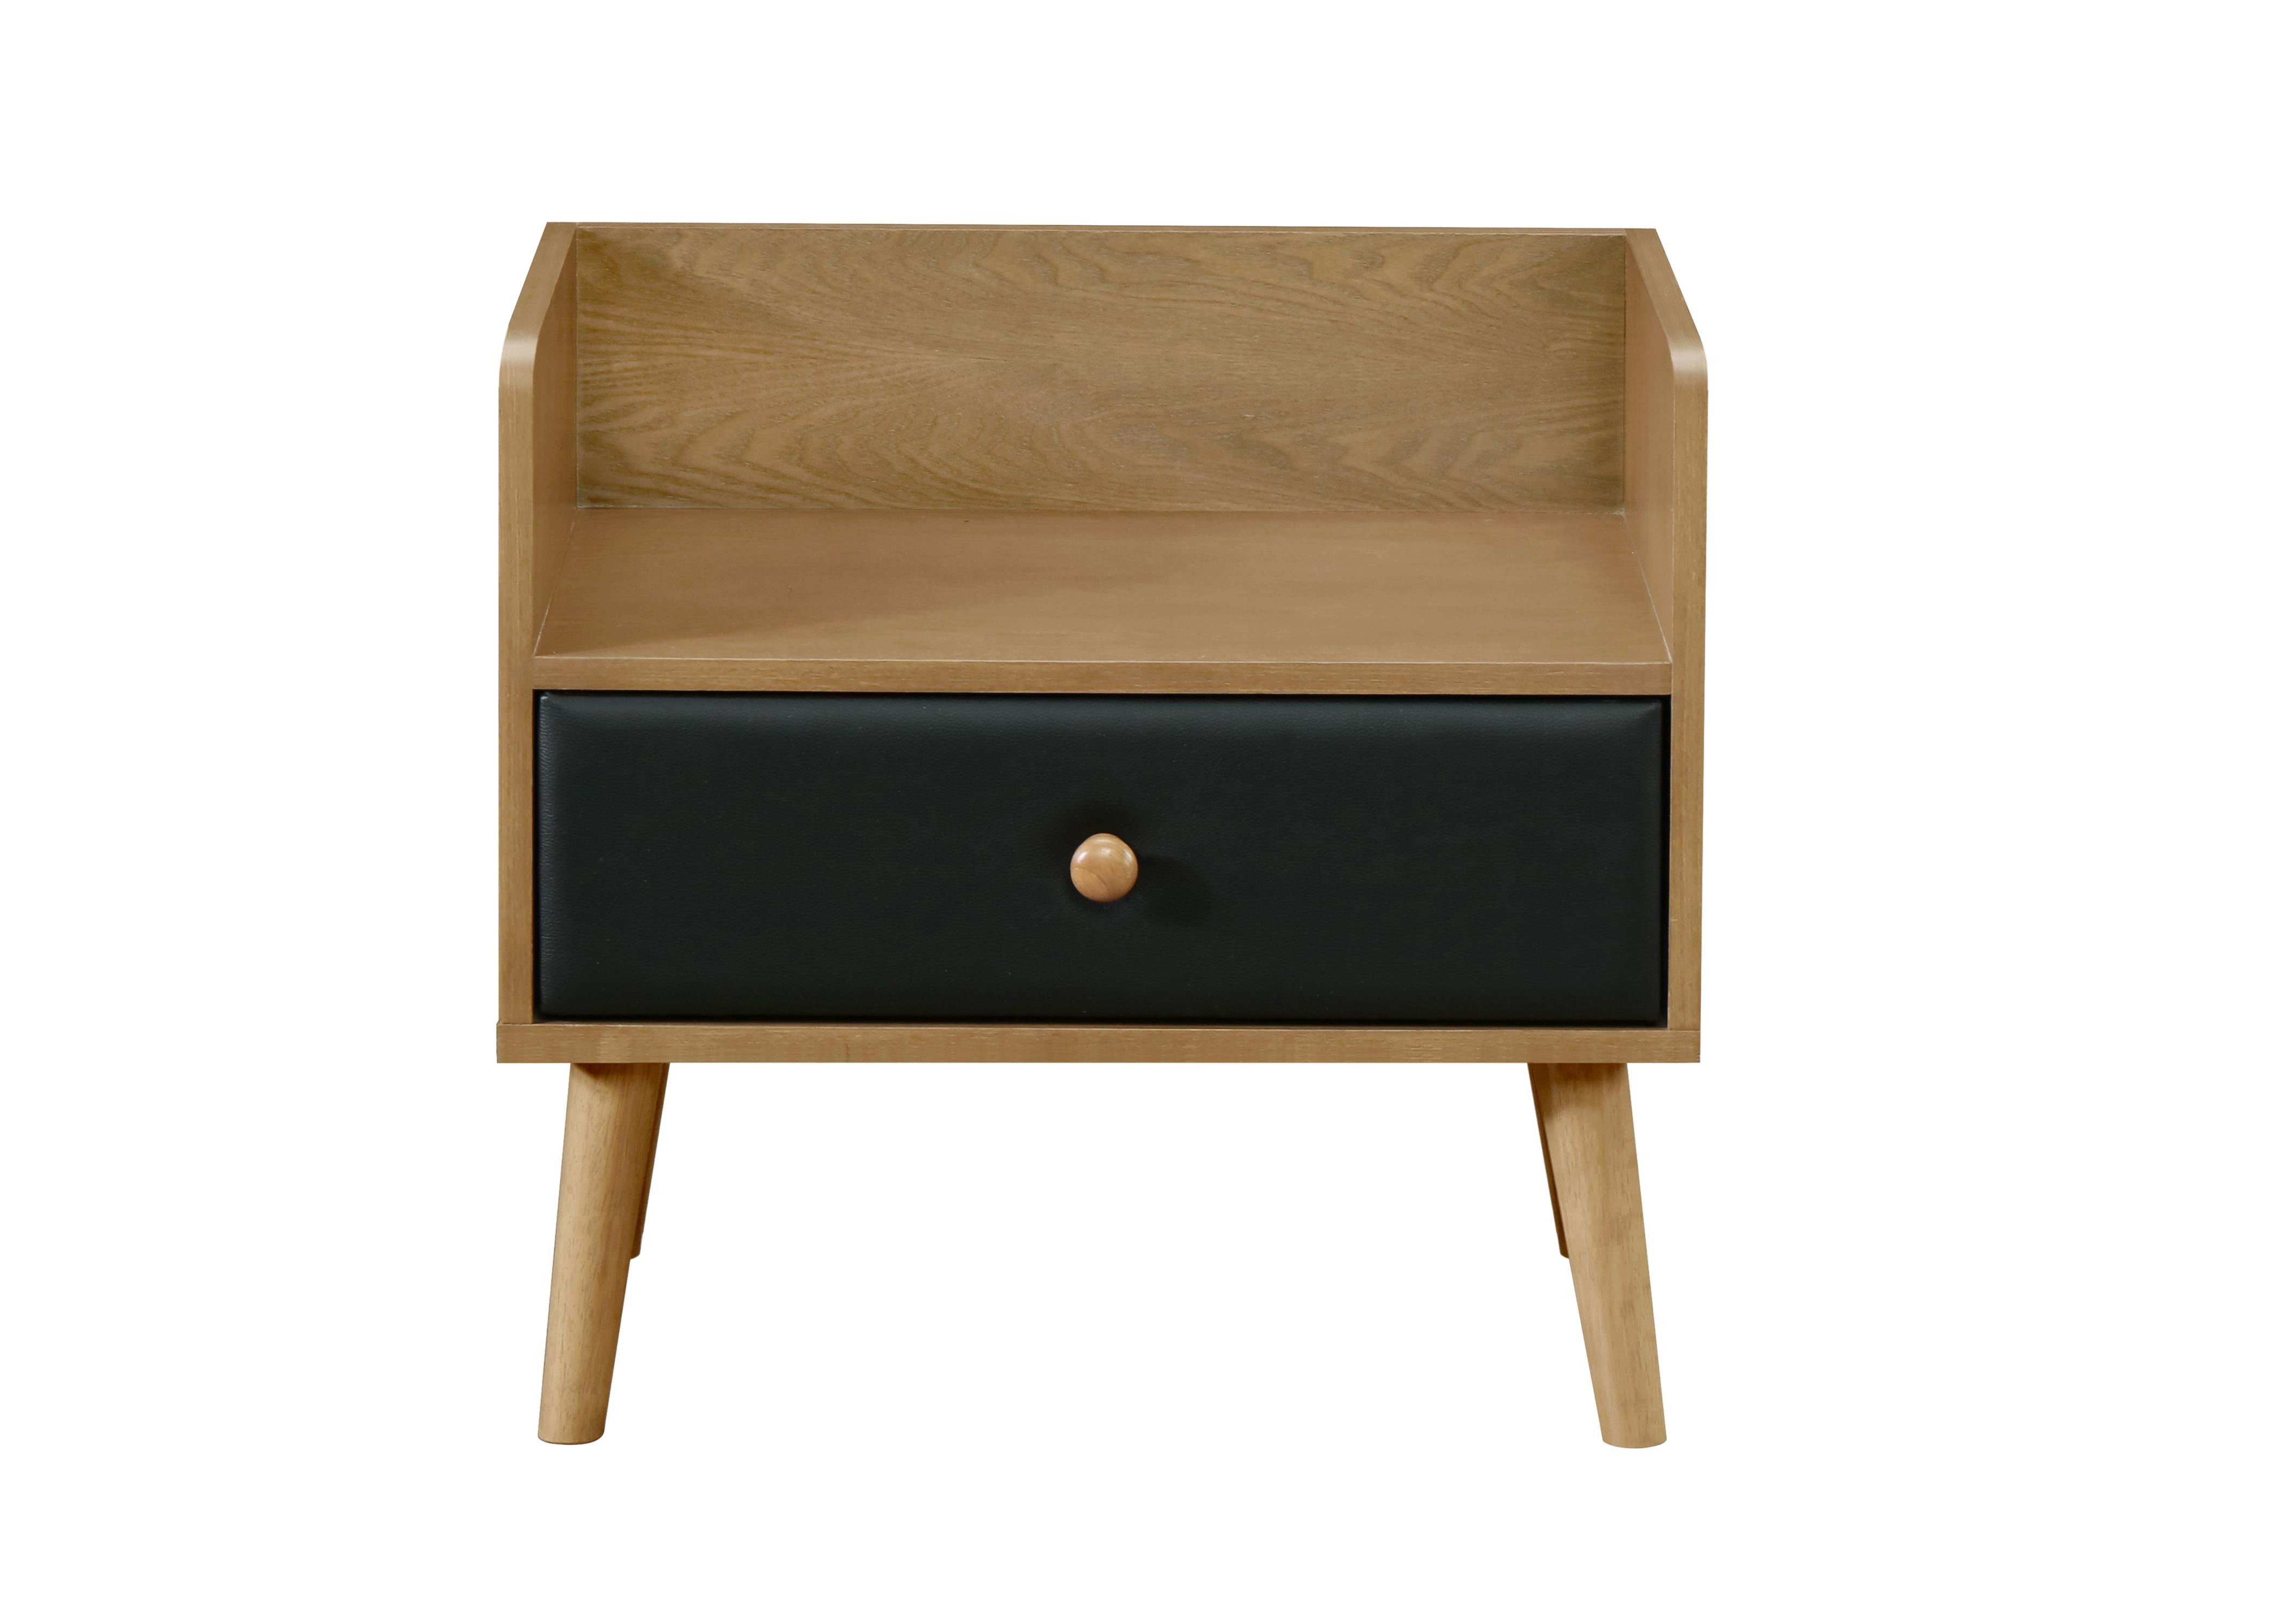 Noptiera din lemn si furnir, cu 1 sertar Ford Stejar / Negru, l58xA40xH55 cm imagine